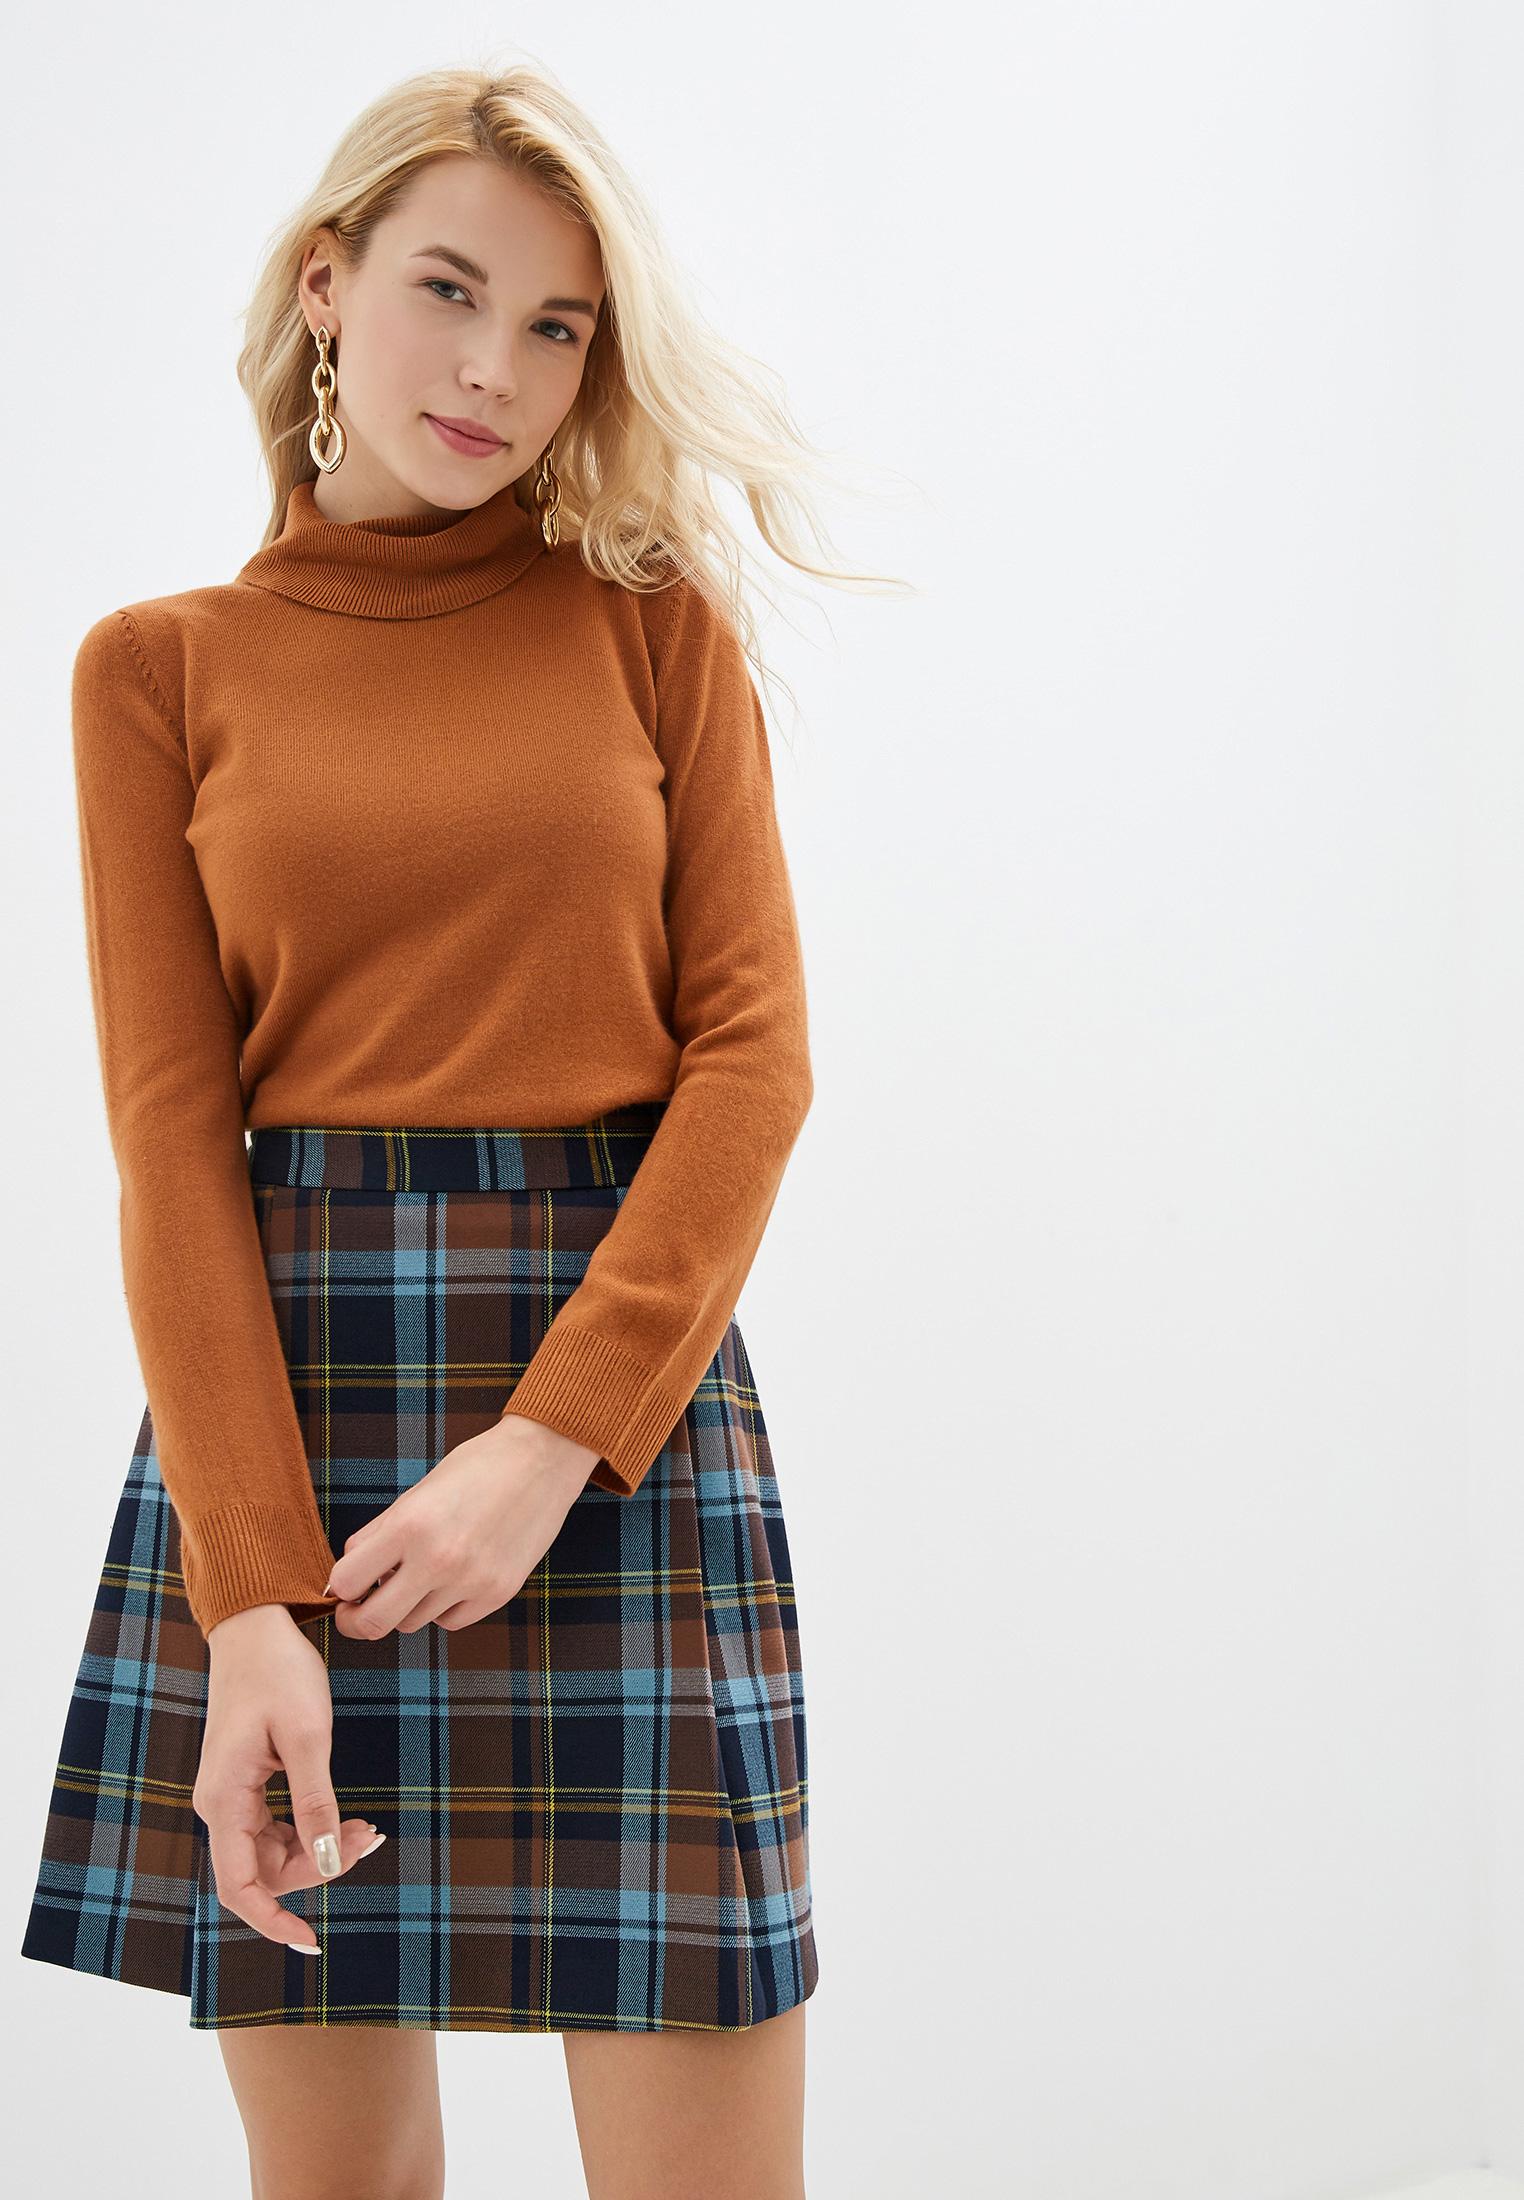 Водолазка, Marks & Spencer, цвет: коричневый. Артикул: MA178EWGCWU4. Одежда / Джемперы, свитеры и кардиганы